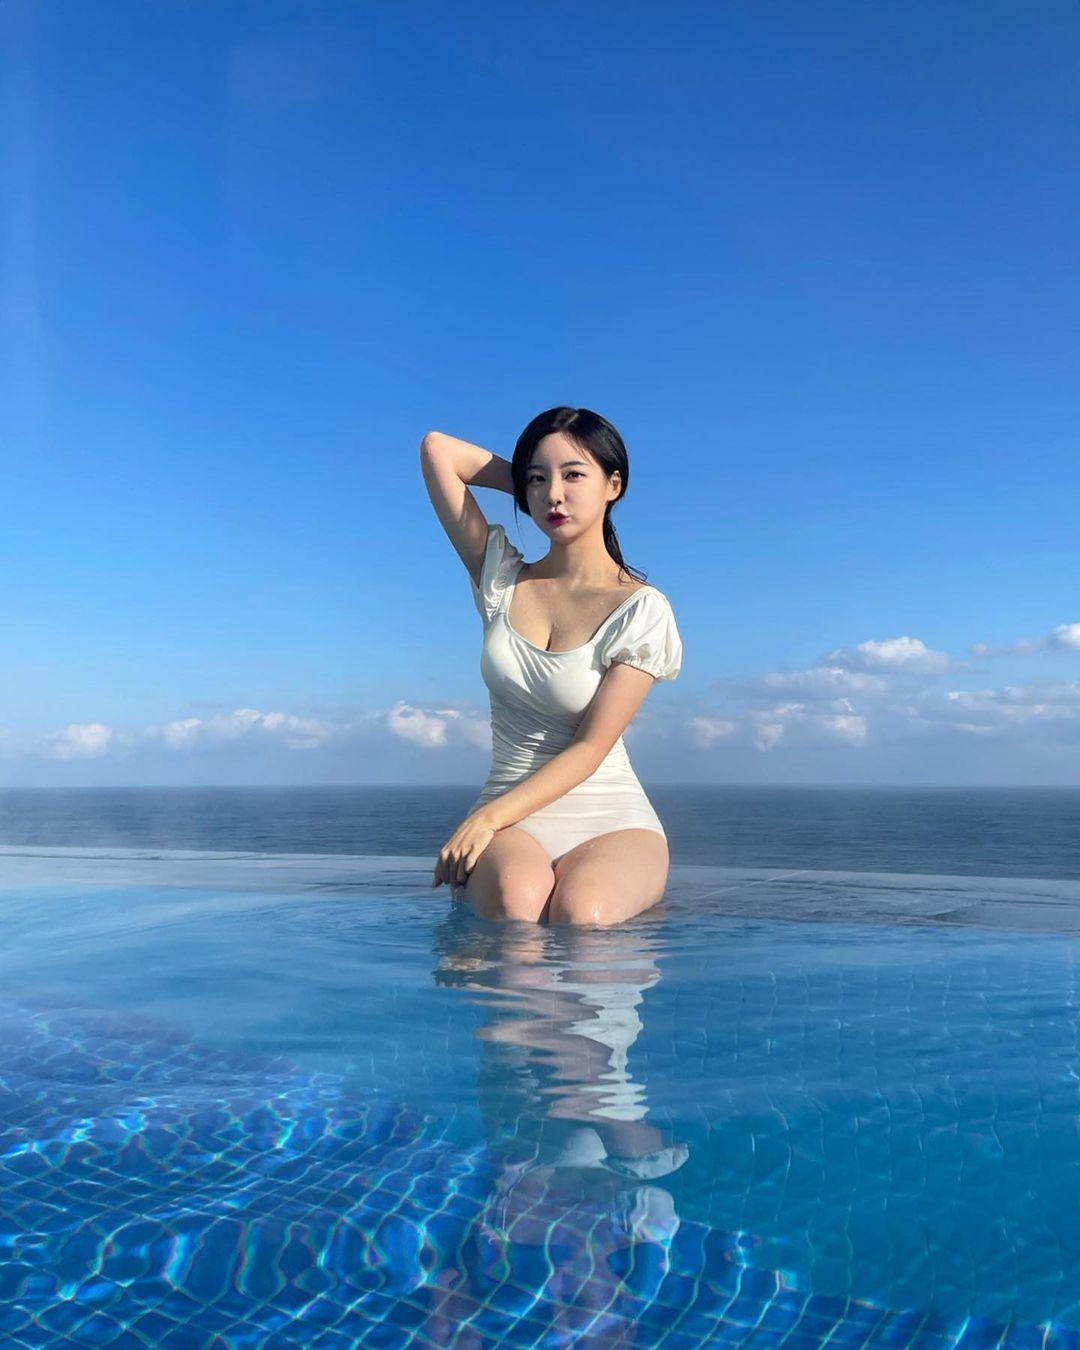 곽민선 아나운서 인스타 사진 - 꾸르